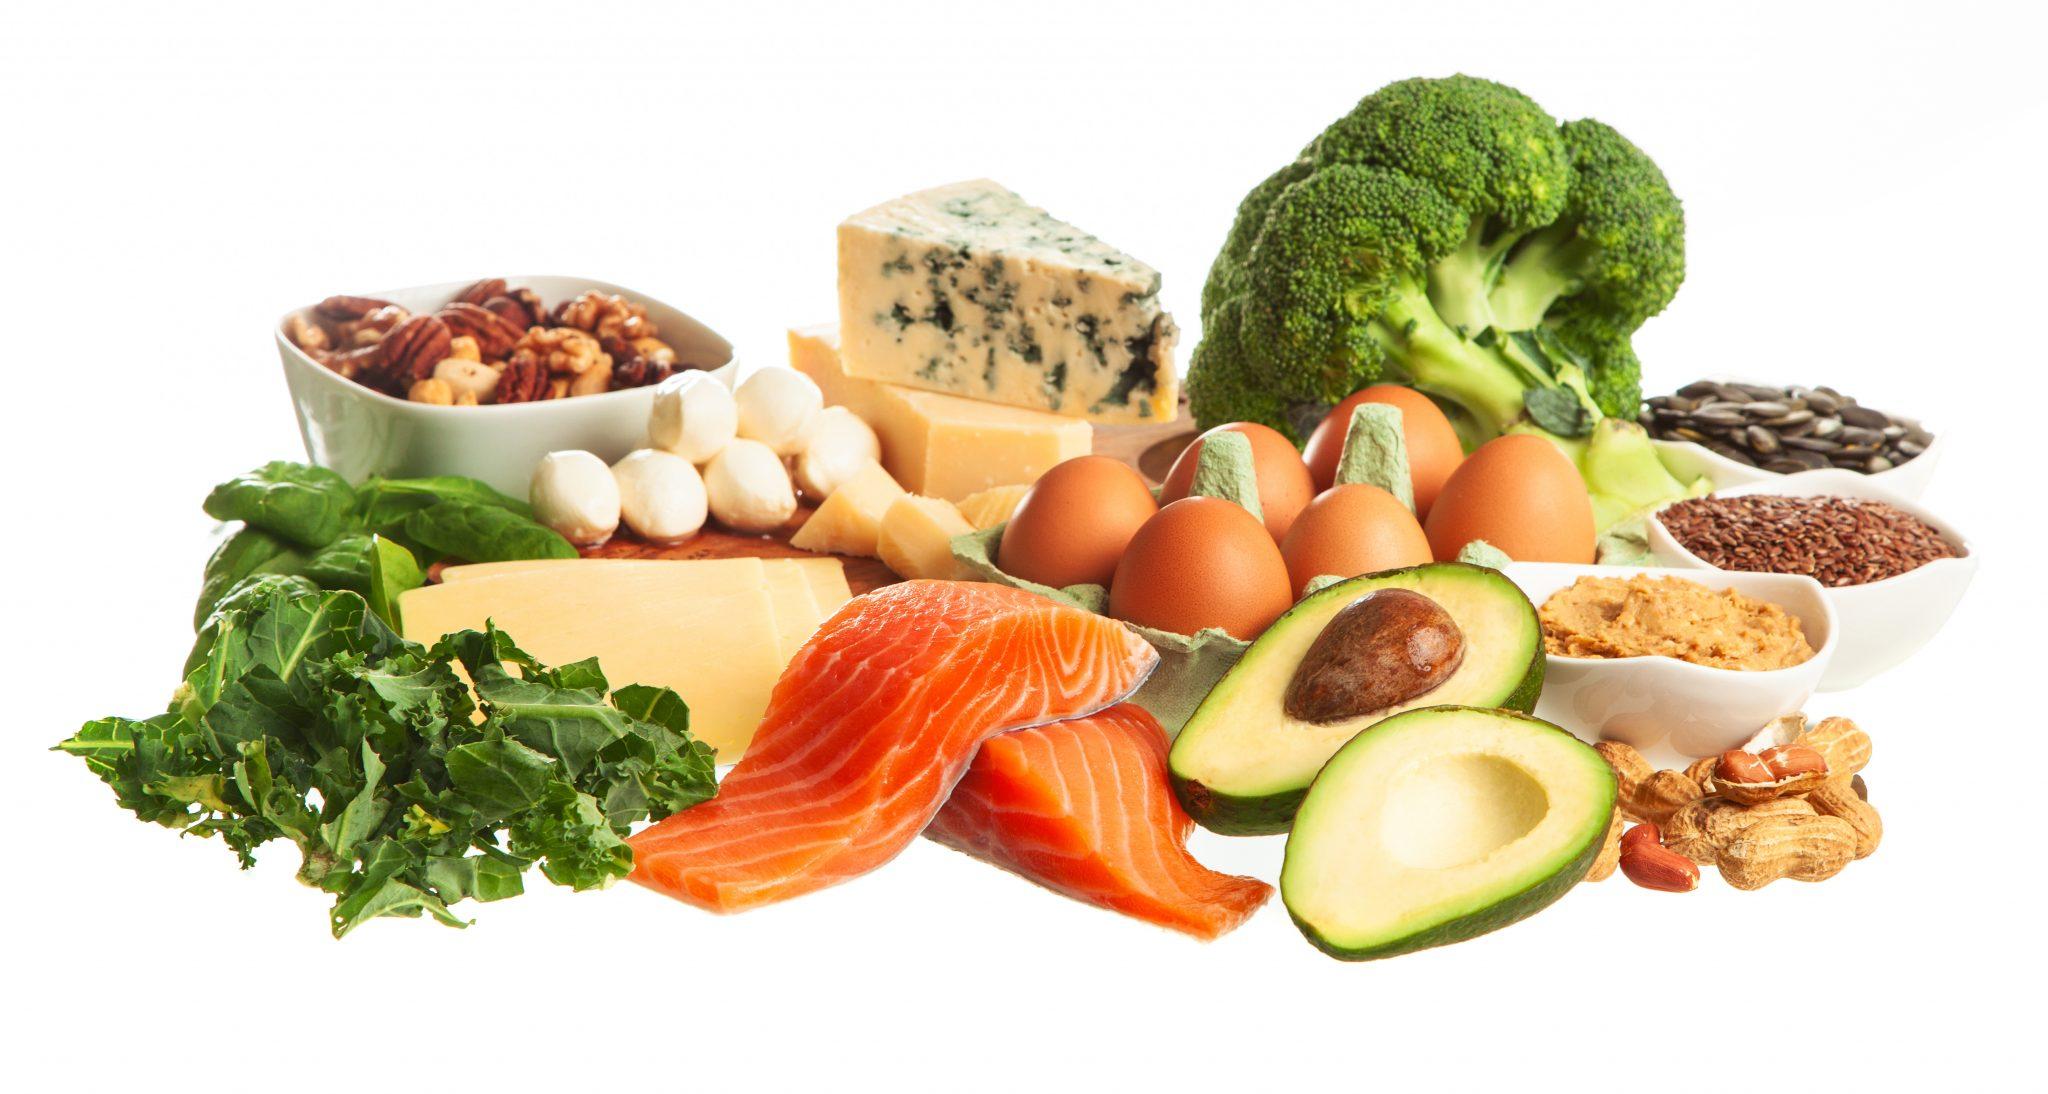 أفضل نظام غذائي للقولون العصبي حياة المرأة